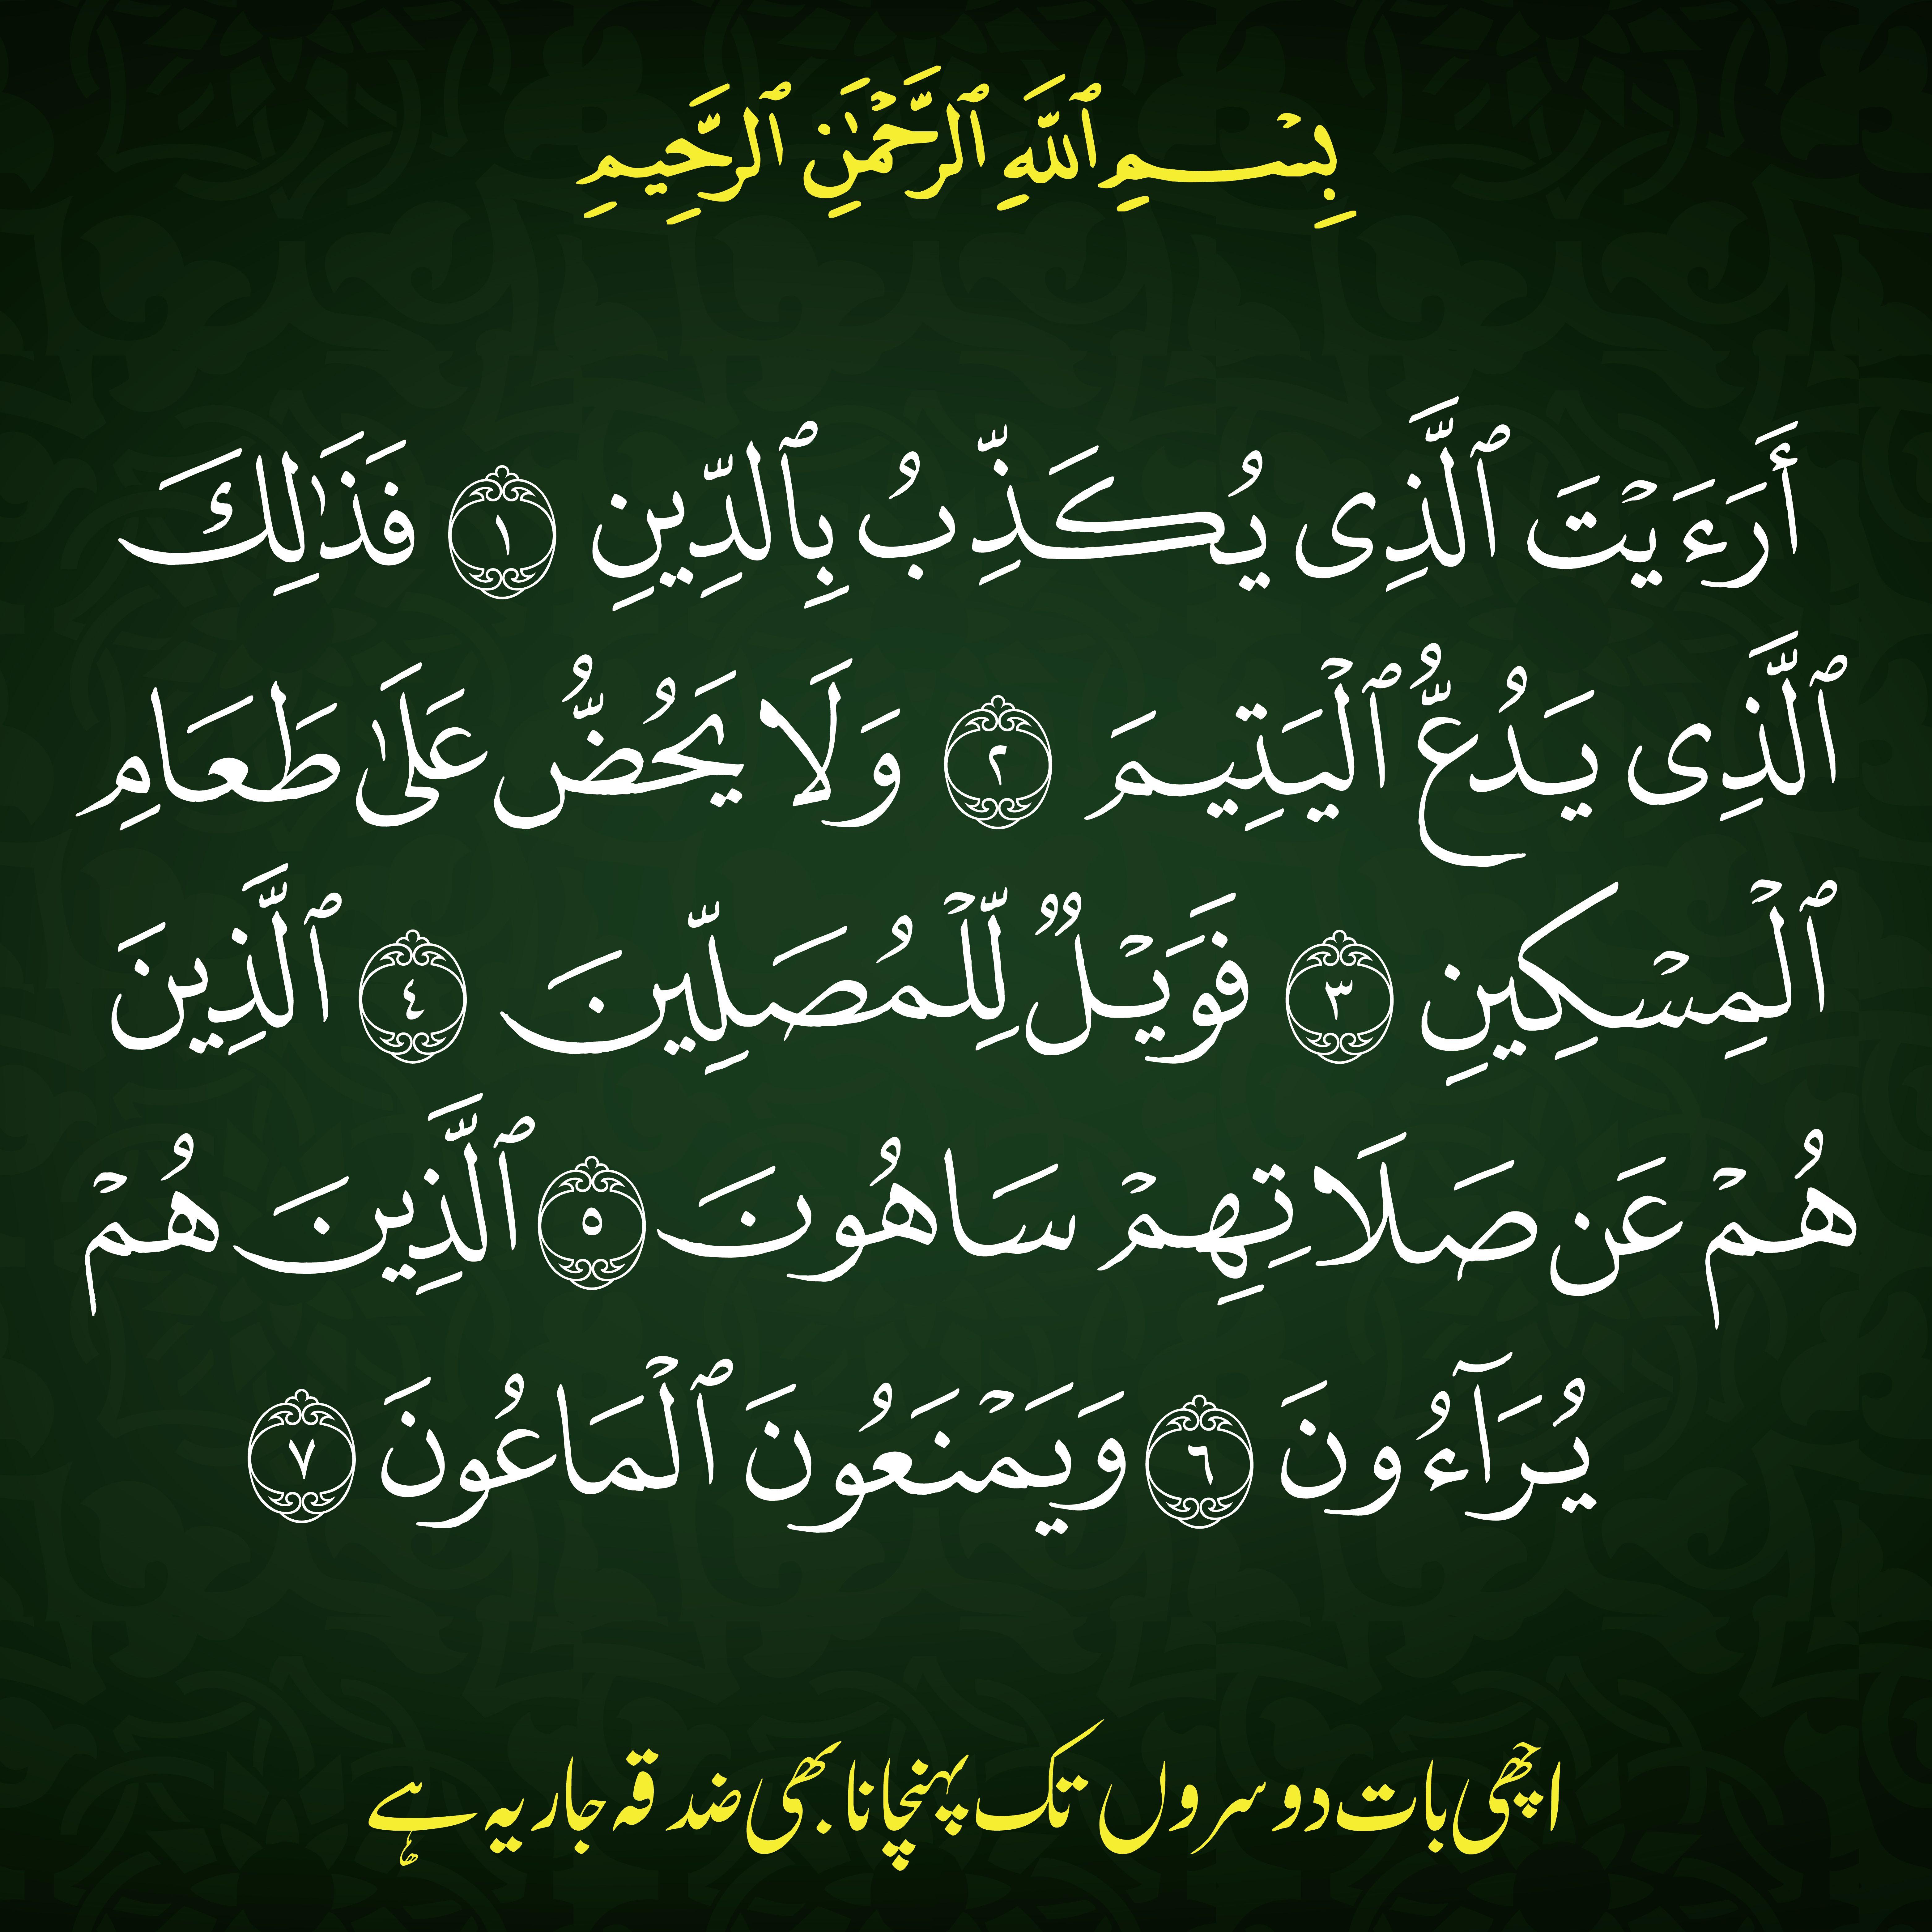 Surah Al Maun Quran Quotes Love Images Quran